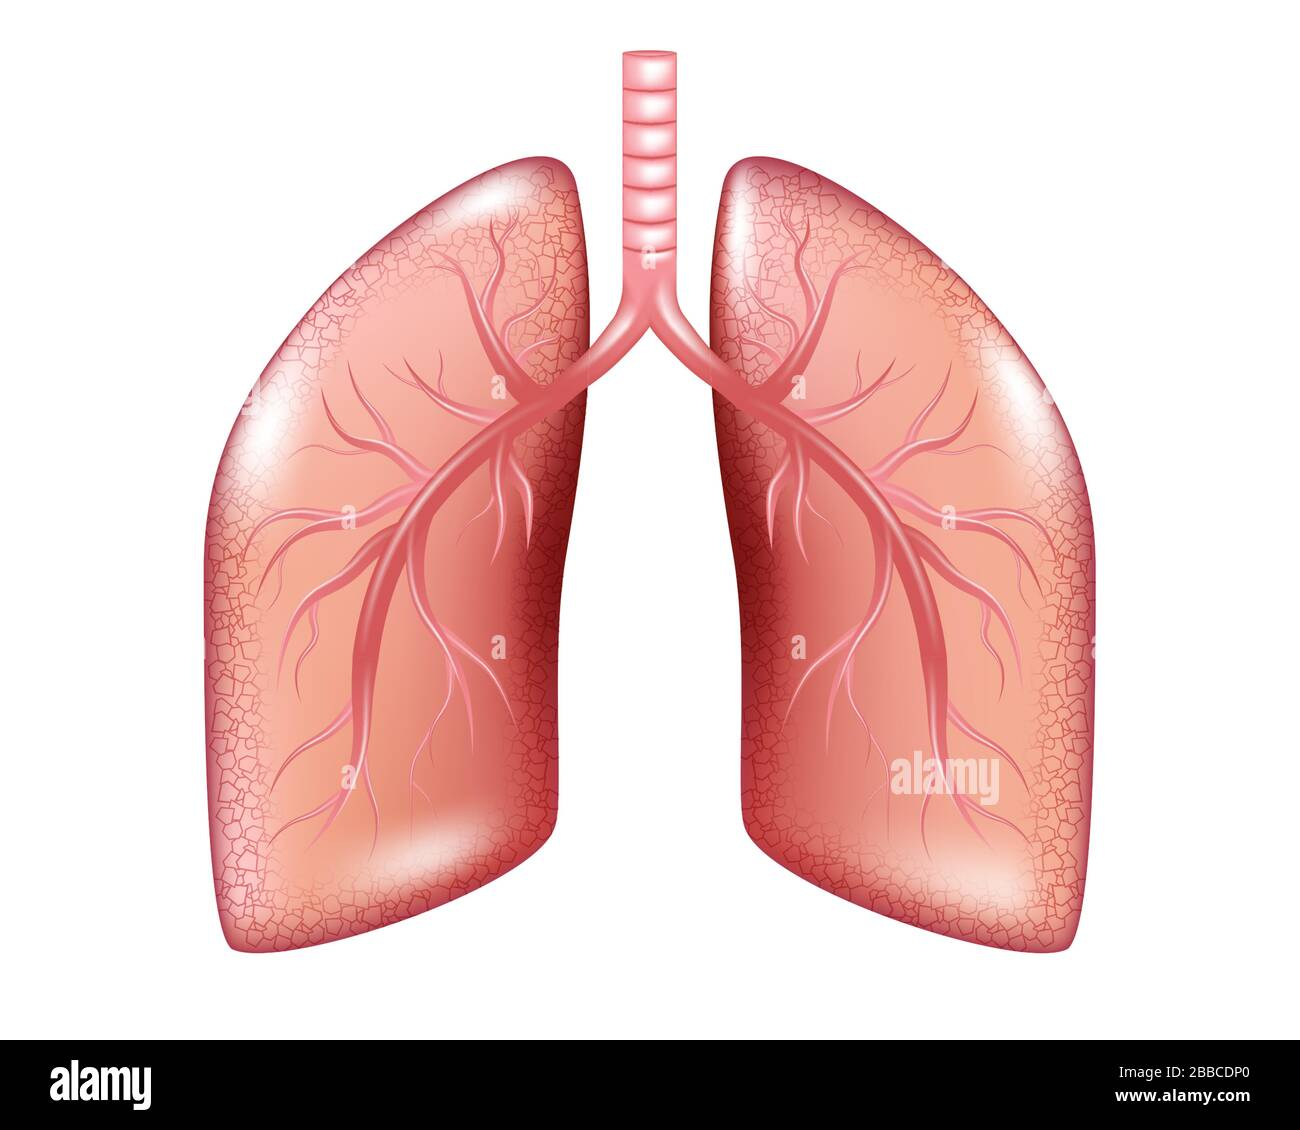 lung diagram cow respiration diagram stock photos   respiration diagram stock  respiration diagram stock photos